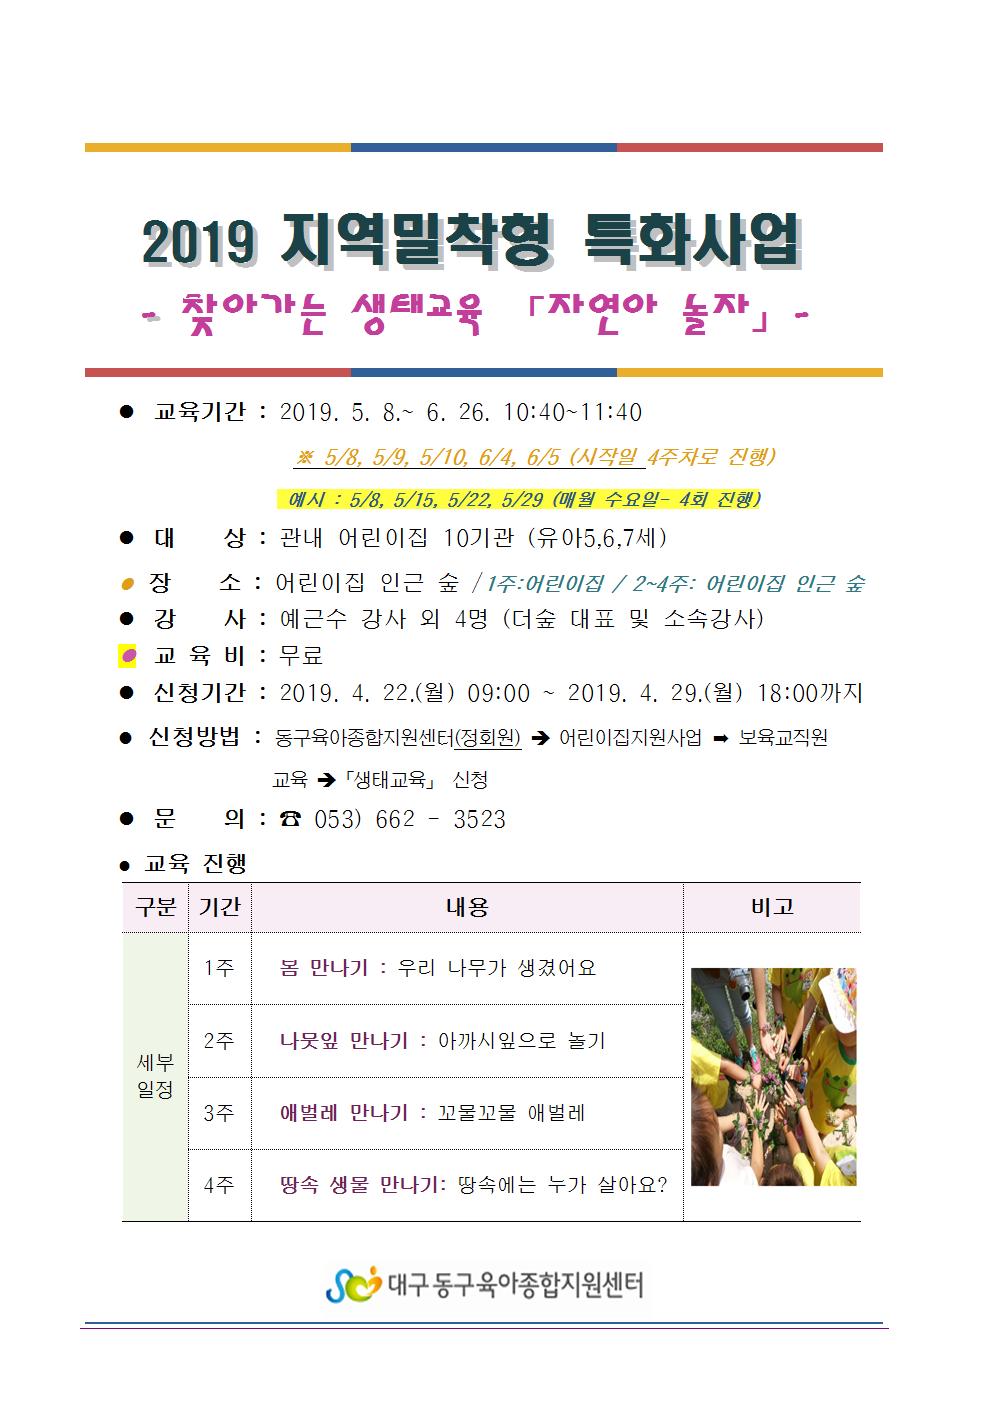 [어린이집지원사업] 지역밀착형 특화사업 [생태교육] 계획001.png